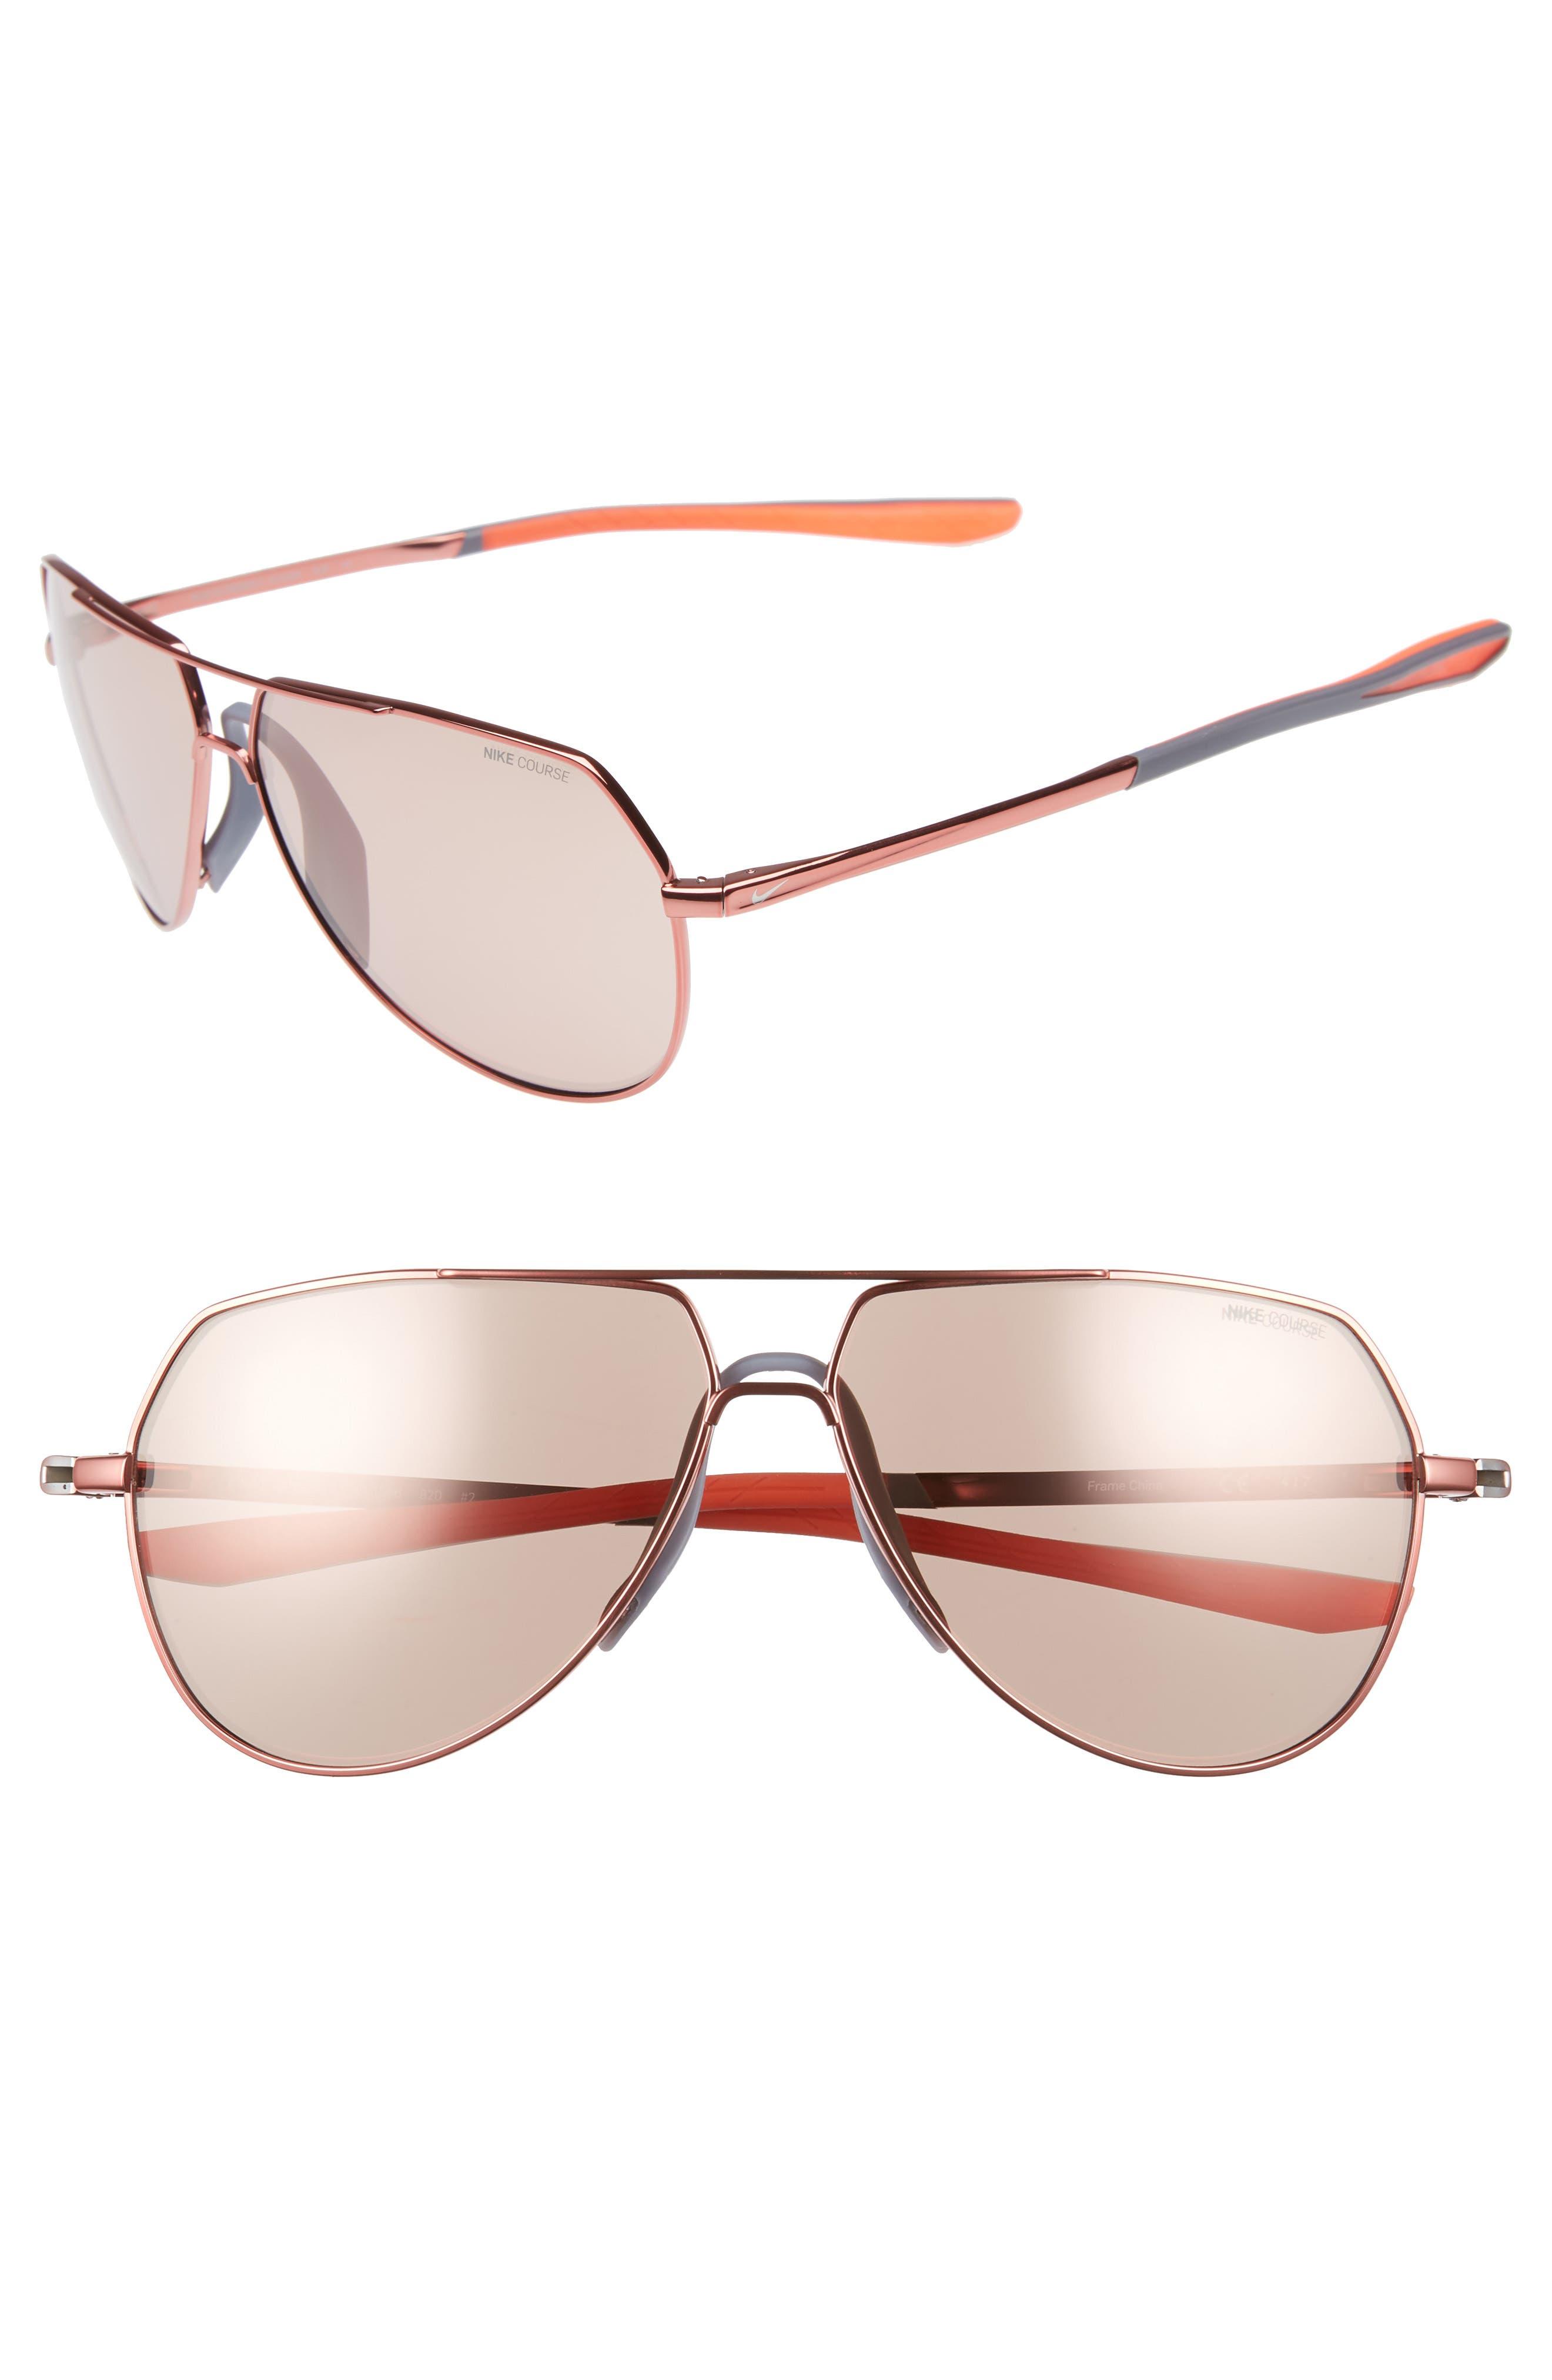 Outrider E 62mm Oversize Aviator Sunglasses,                         Main,                         color, Total Crimson/ Golf